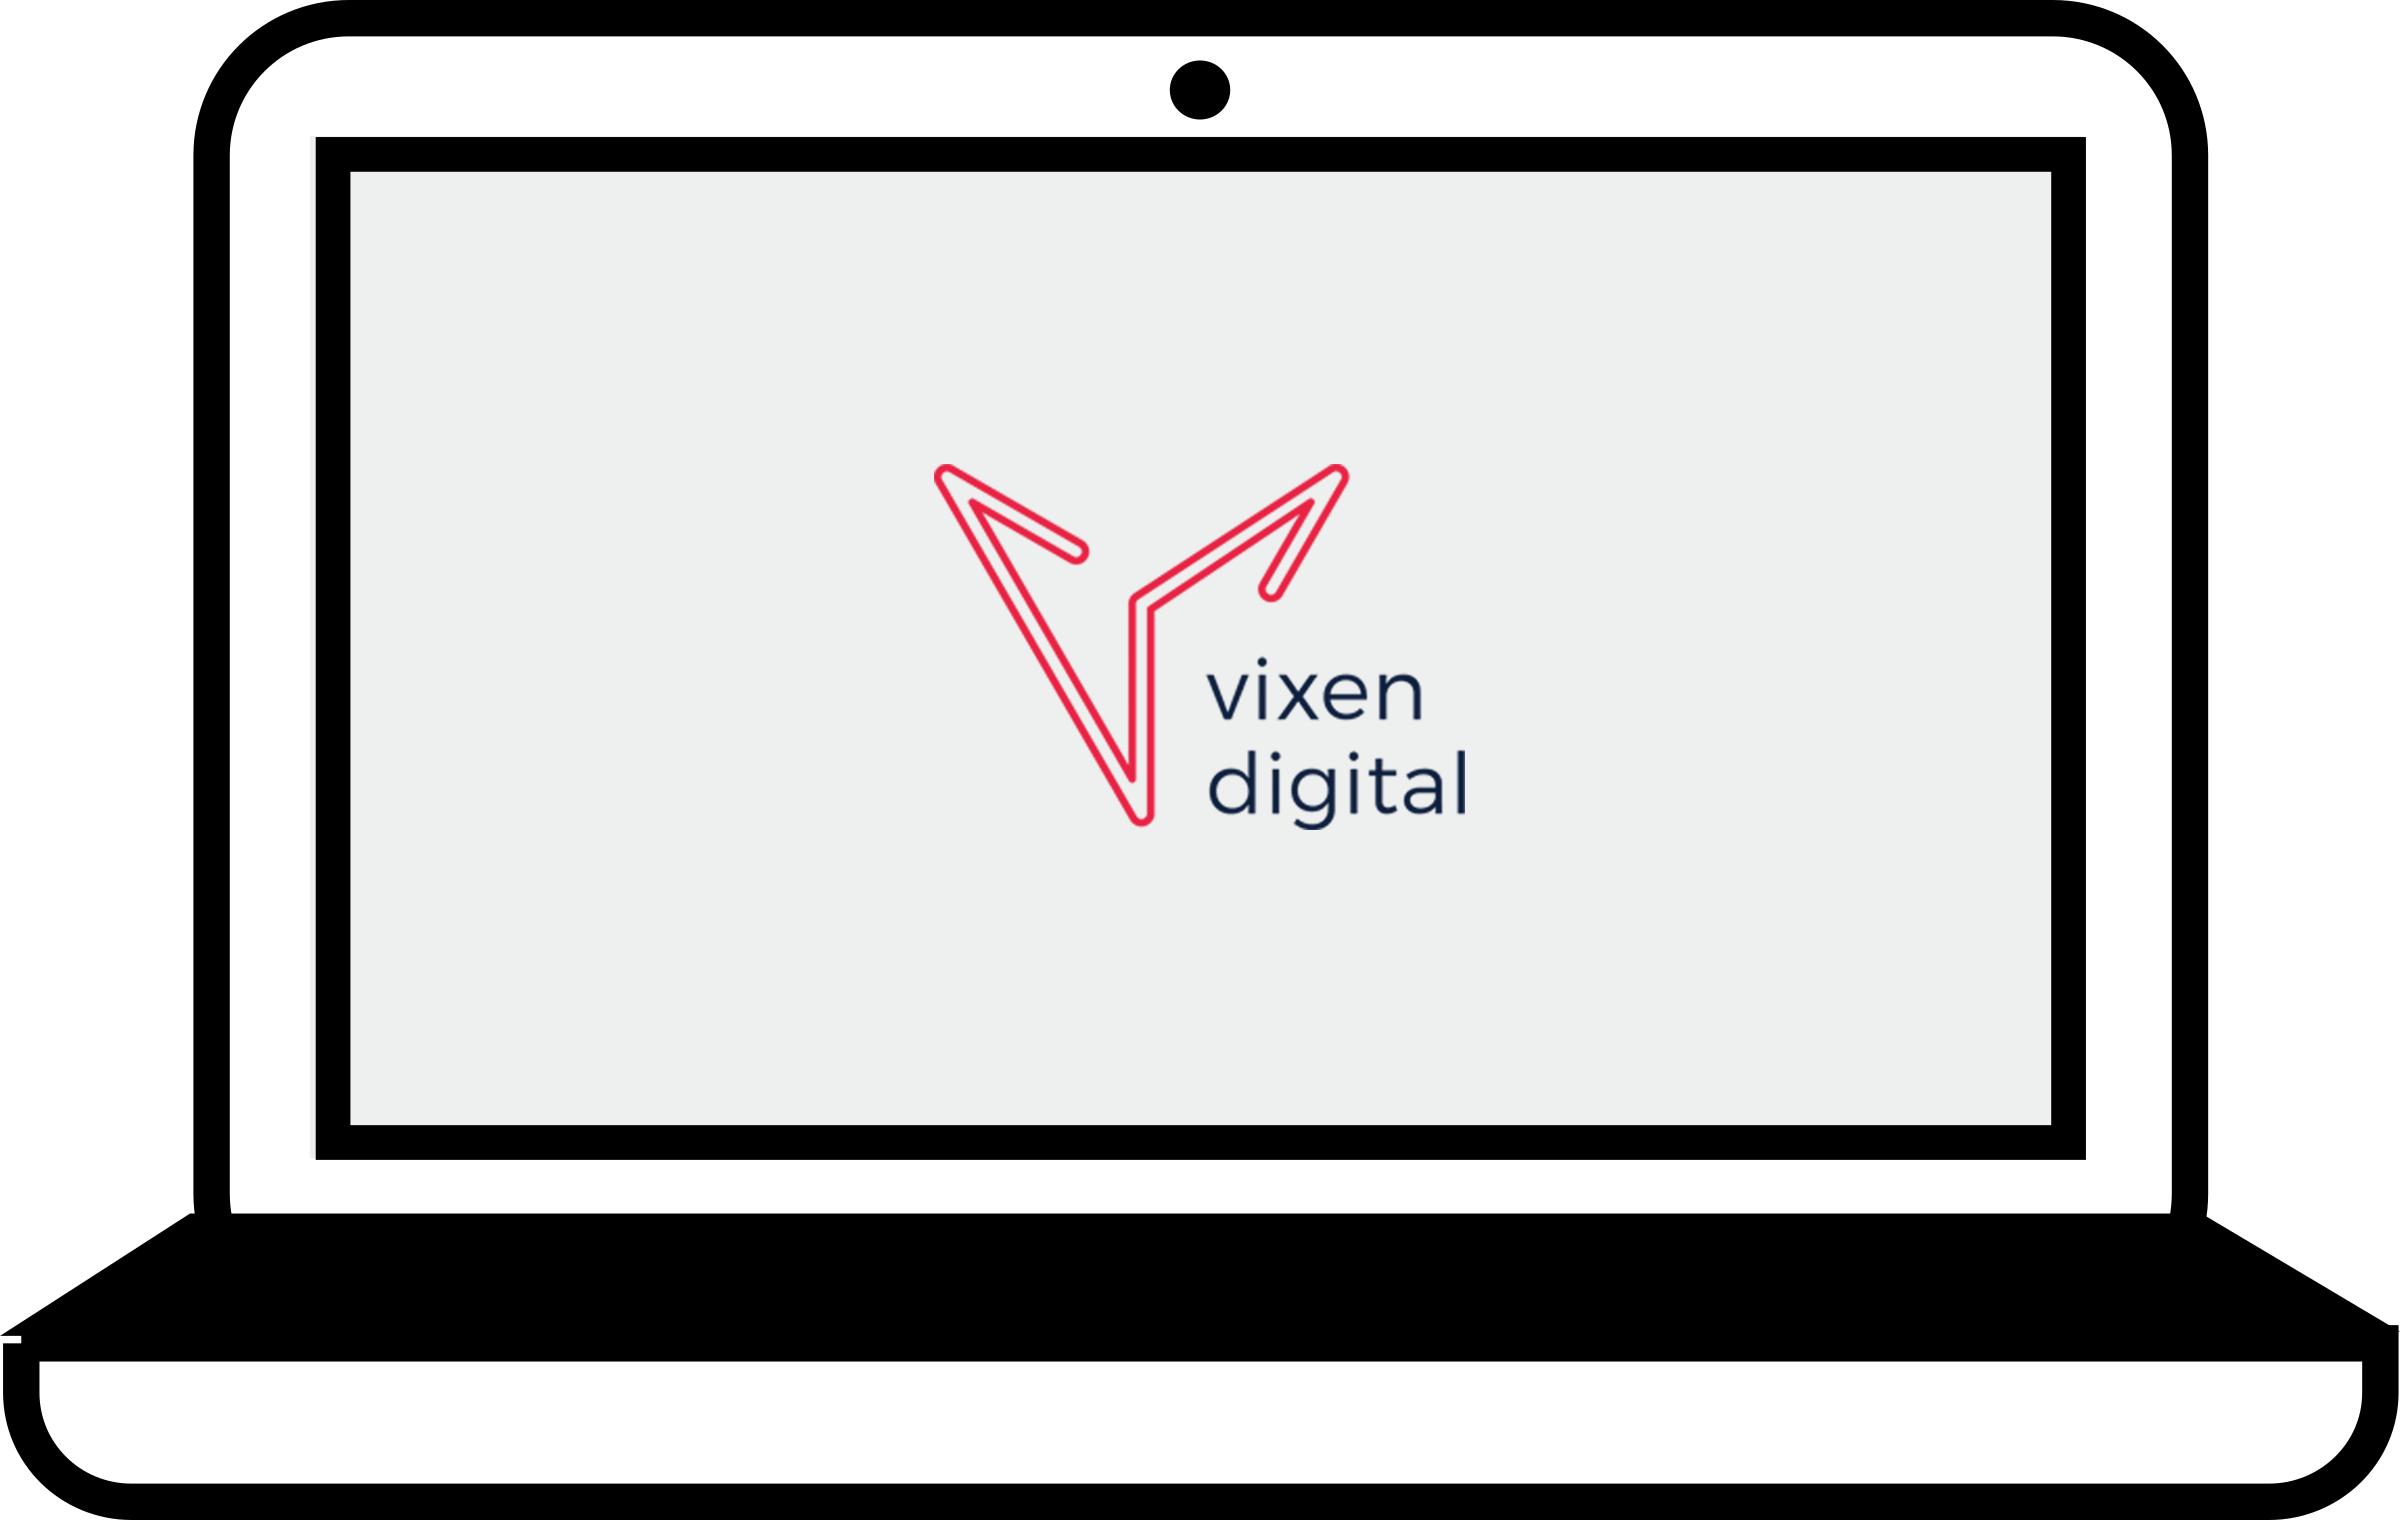 Vixen Digital Certified Google Partner. PPC specialists.